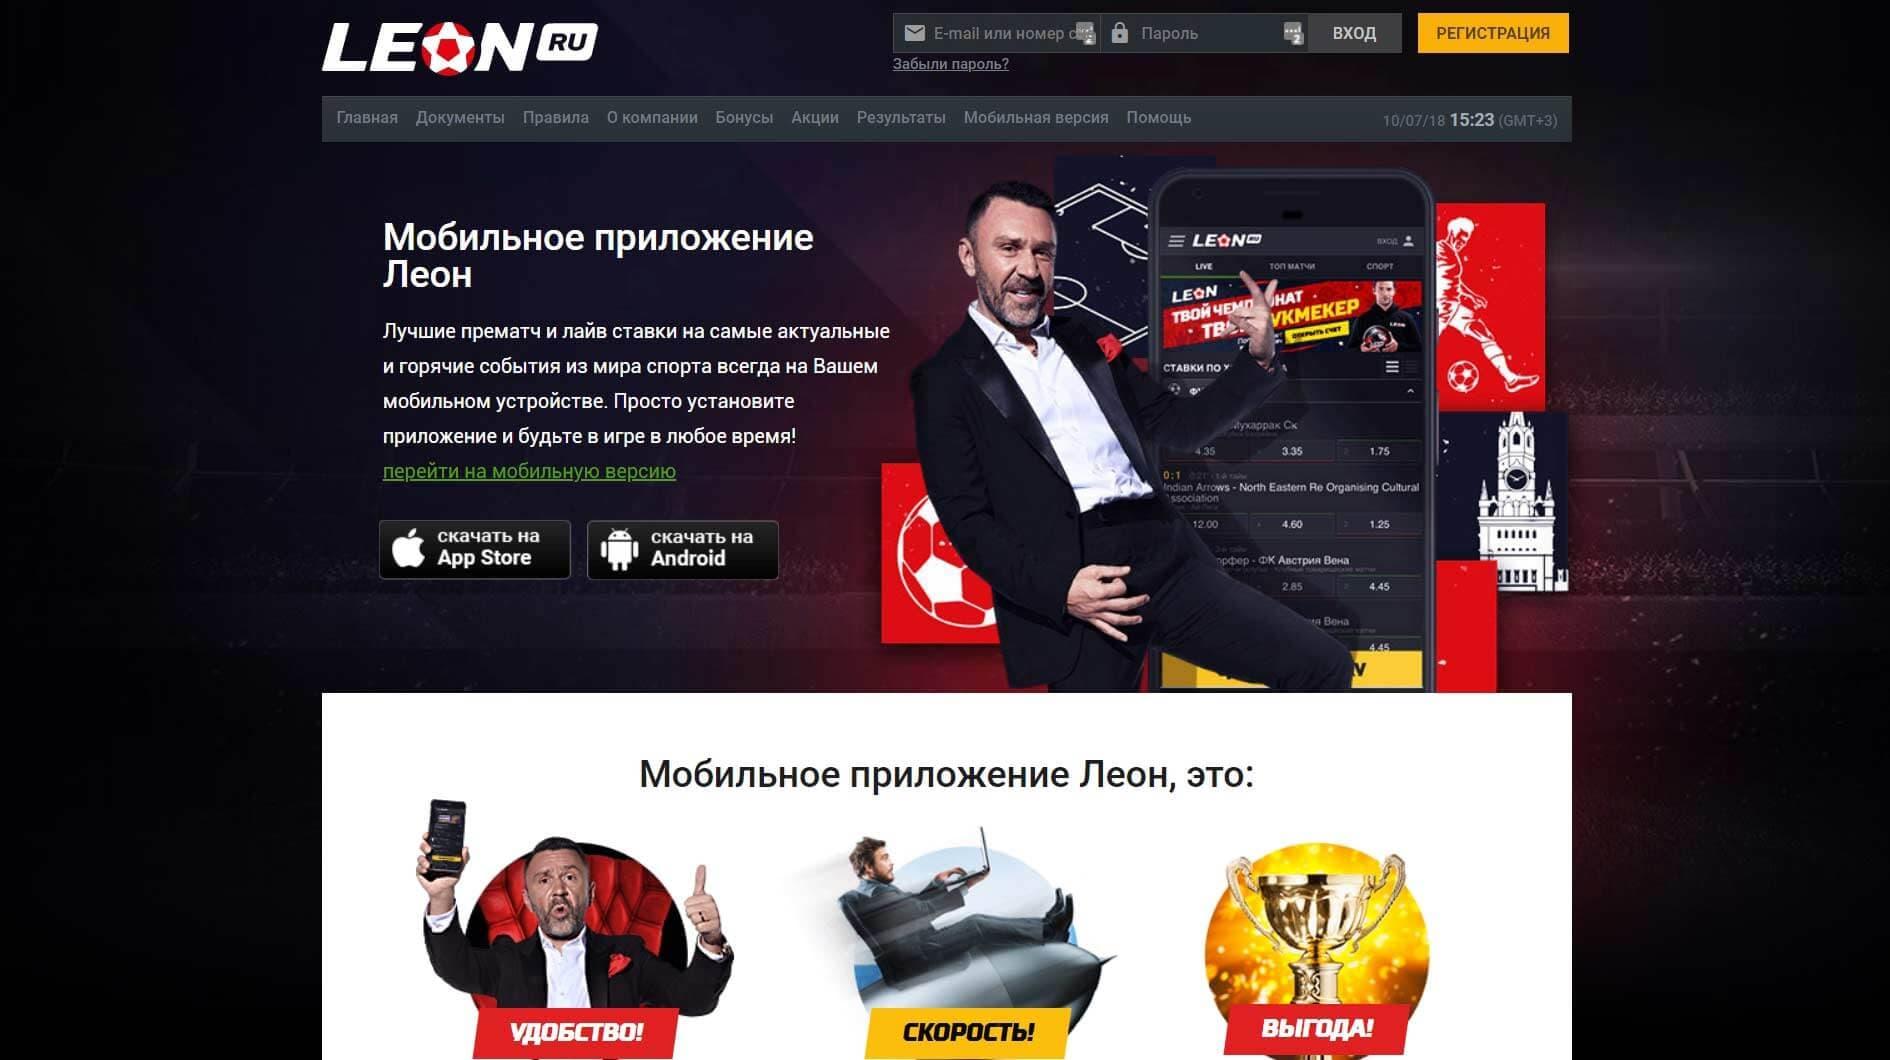 Мобильное приложение букмекерской конторы Леон